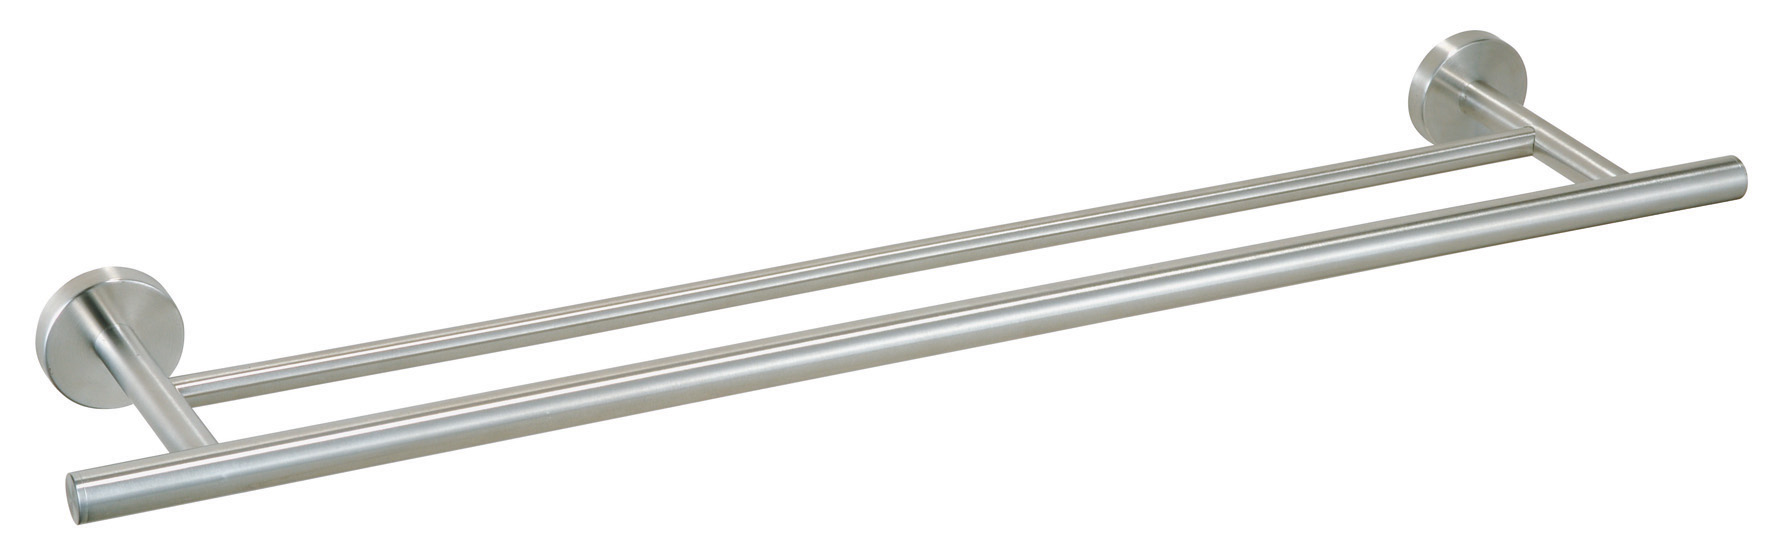 Вешалка для полотенец Axentia, настенная, с 2 планками, 70 х 13 х 5,5 см вешалка напольная axentia galant д полотенец сталь хромированная на основании мрамор